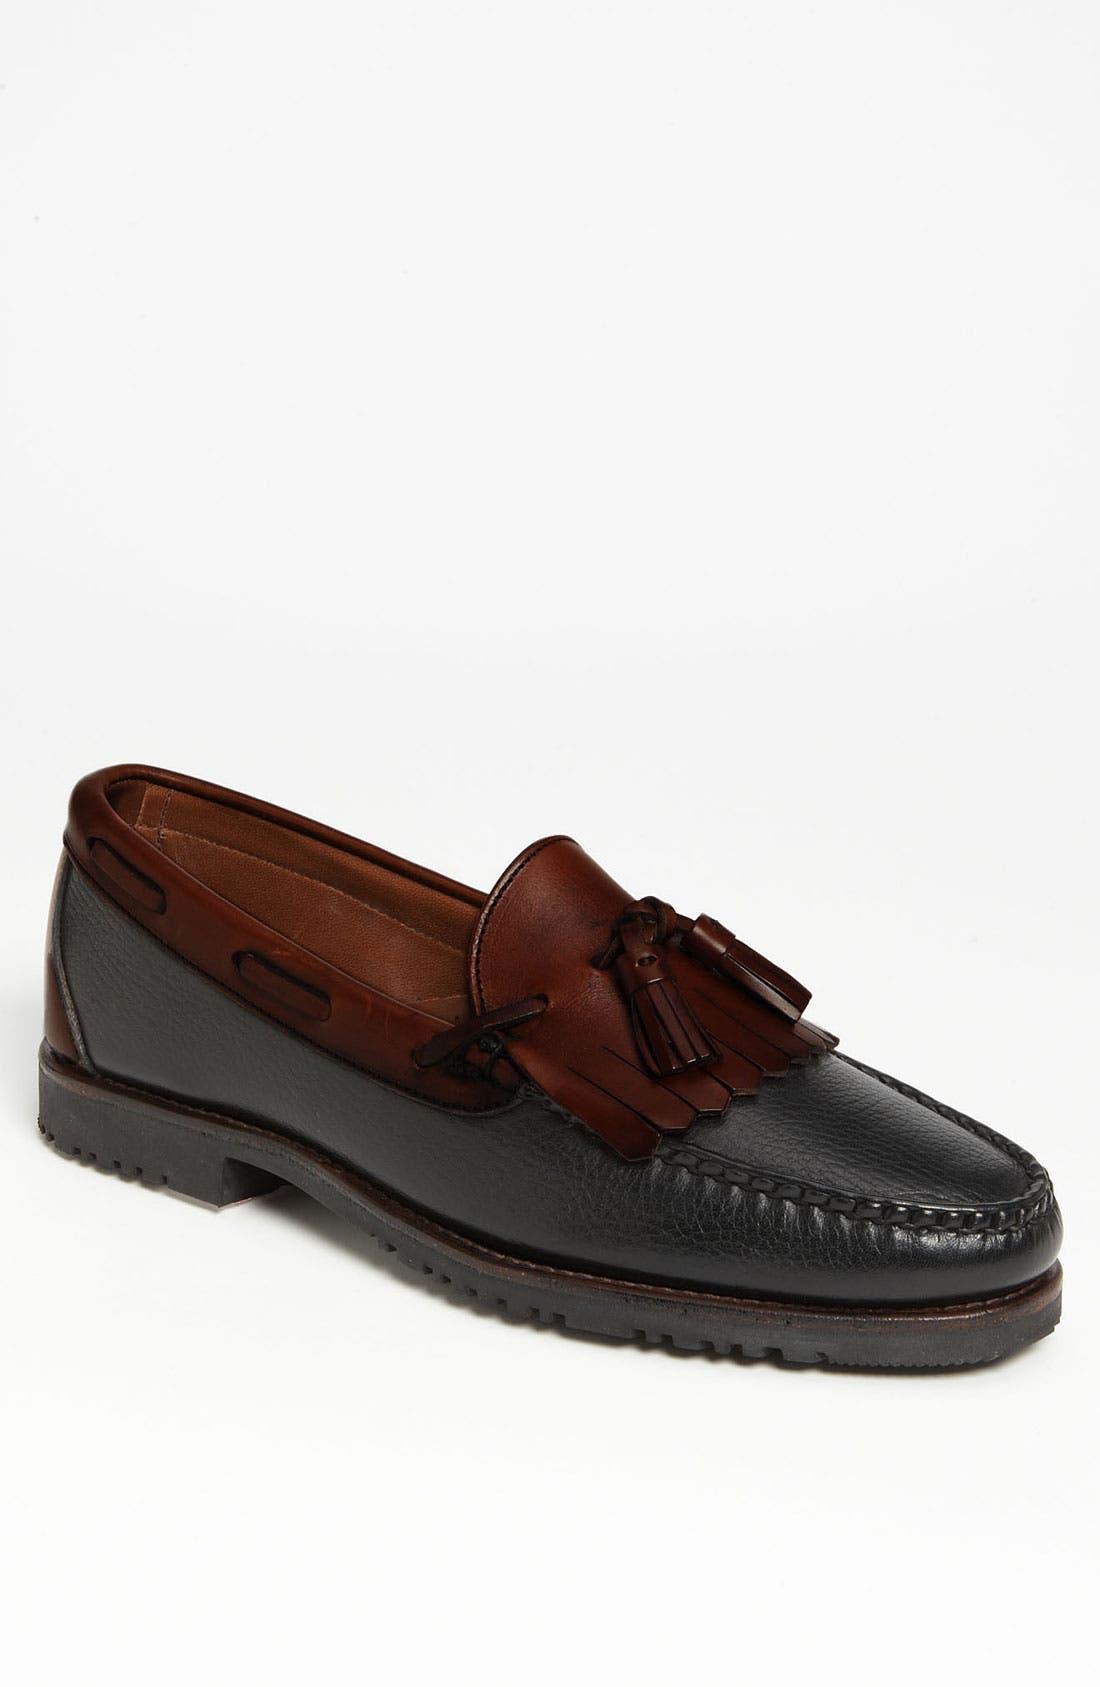 'Nashua' Tassel Loafer,                         Main,                         color, Black/ Brown